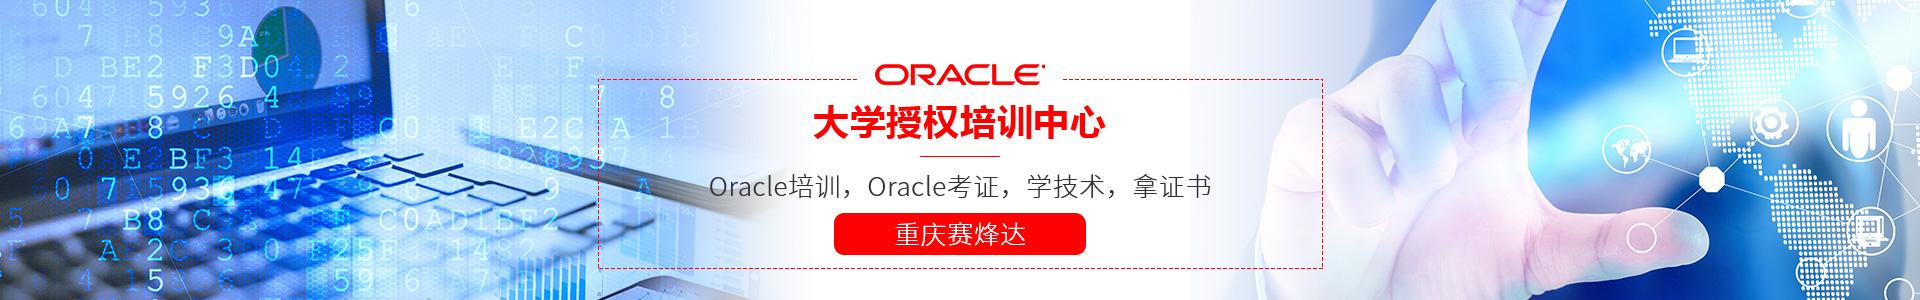 重庆oracle认证培训机构